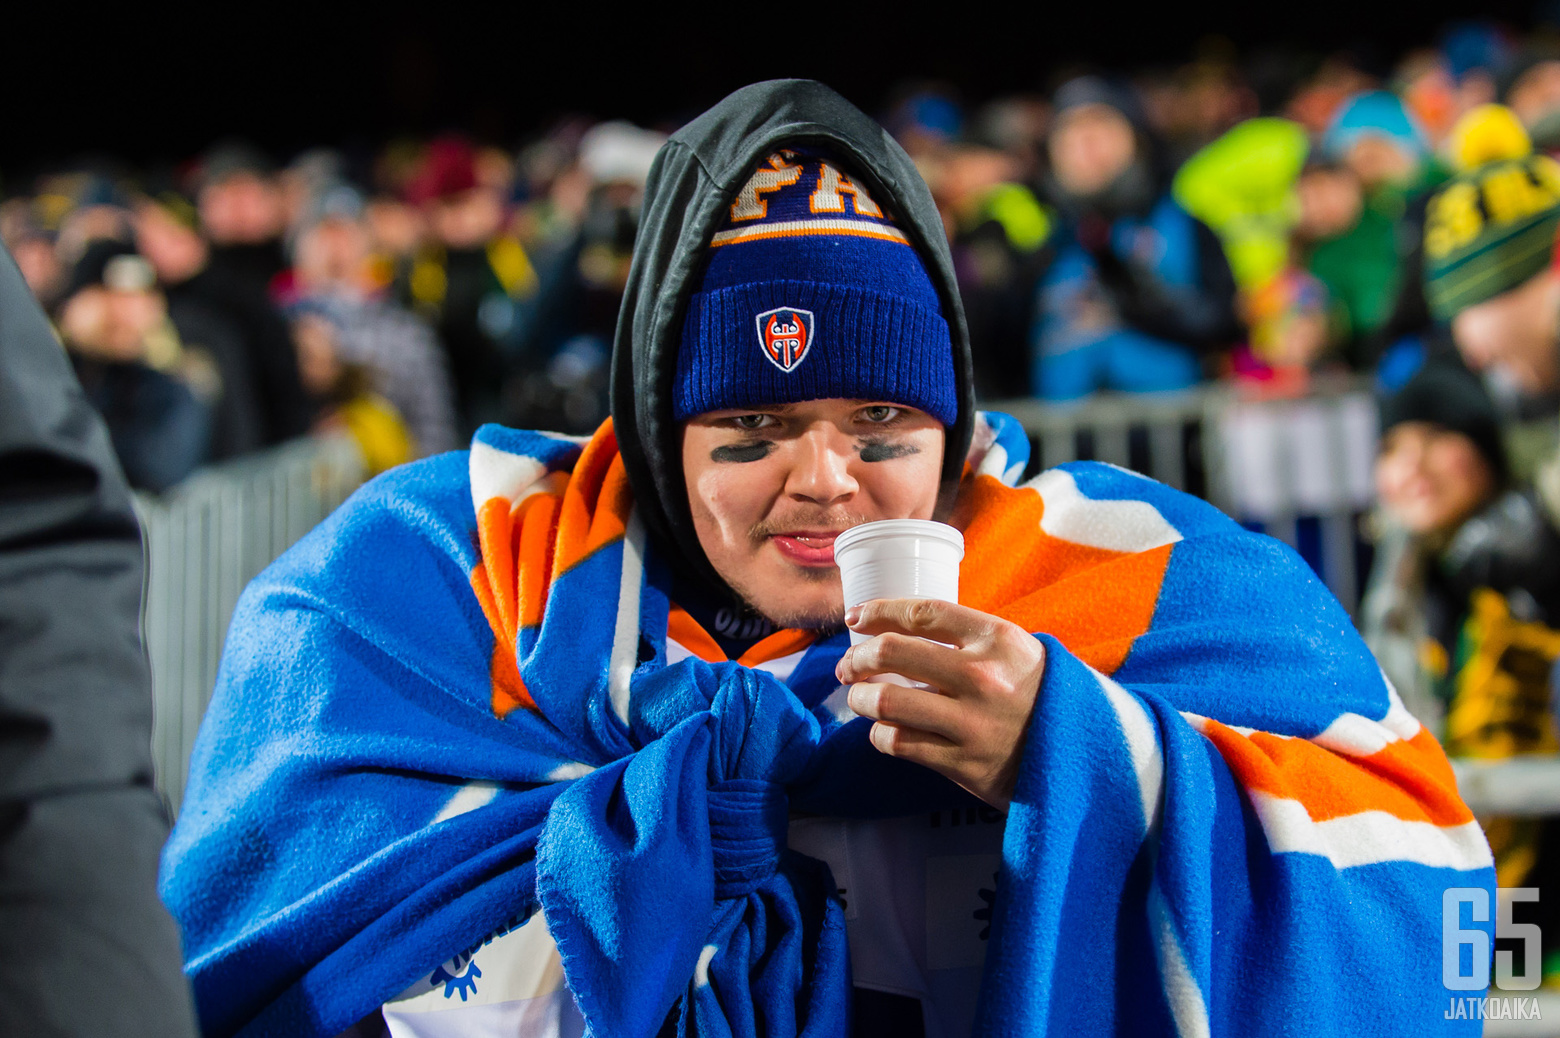 Dominik Hrachovina oli varustautunut luukkuvahdin hommiin lämpöisesti.